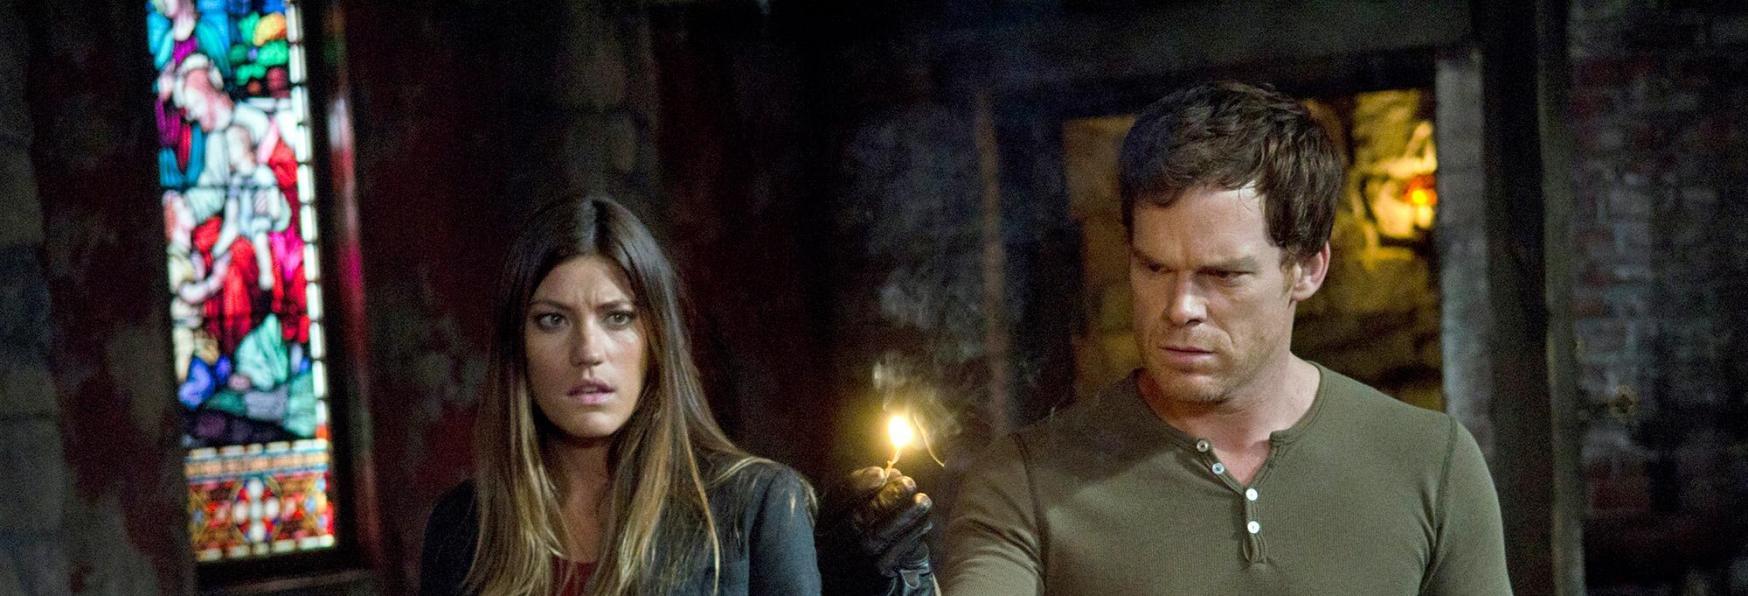 Dexter: Michael C. Hall spiega perché il Finale Originale è stato così Esasperante